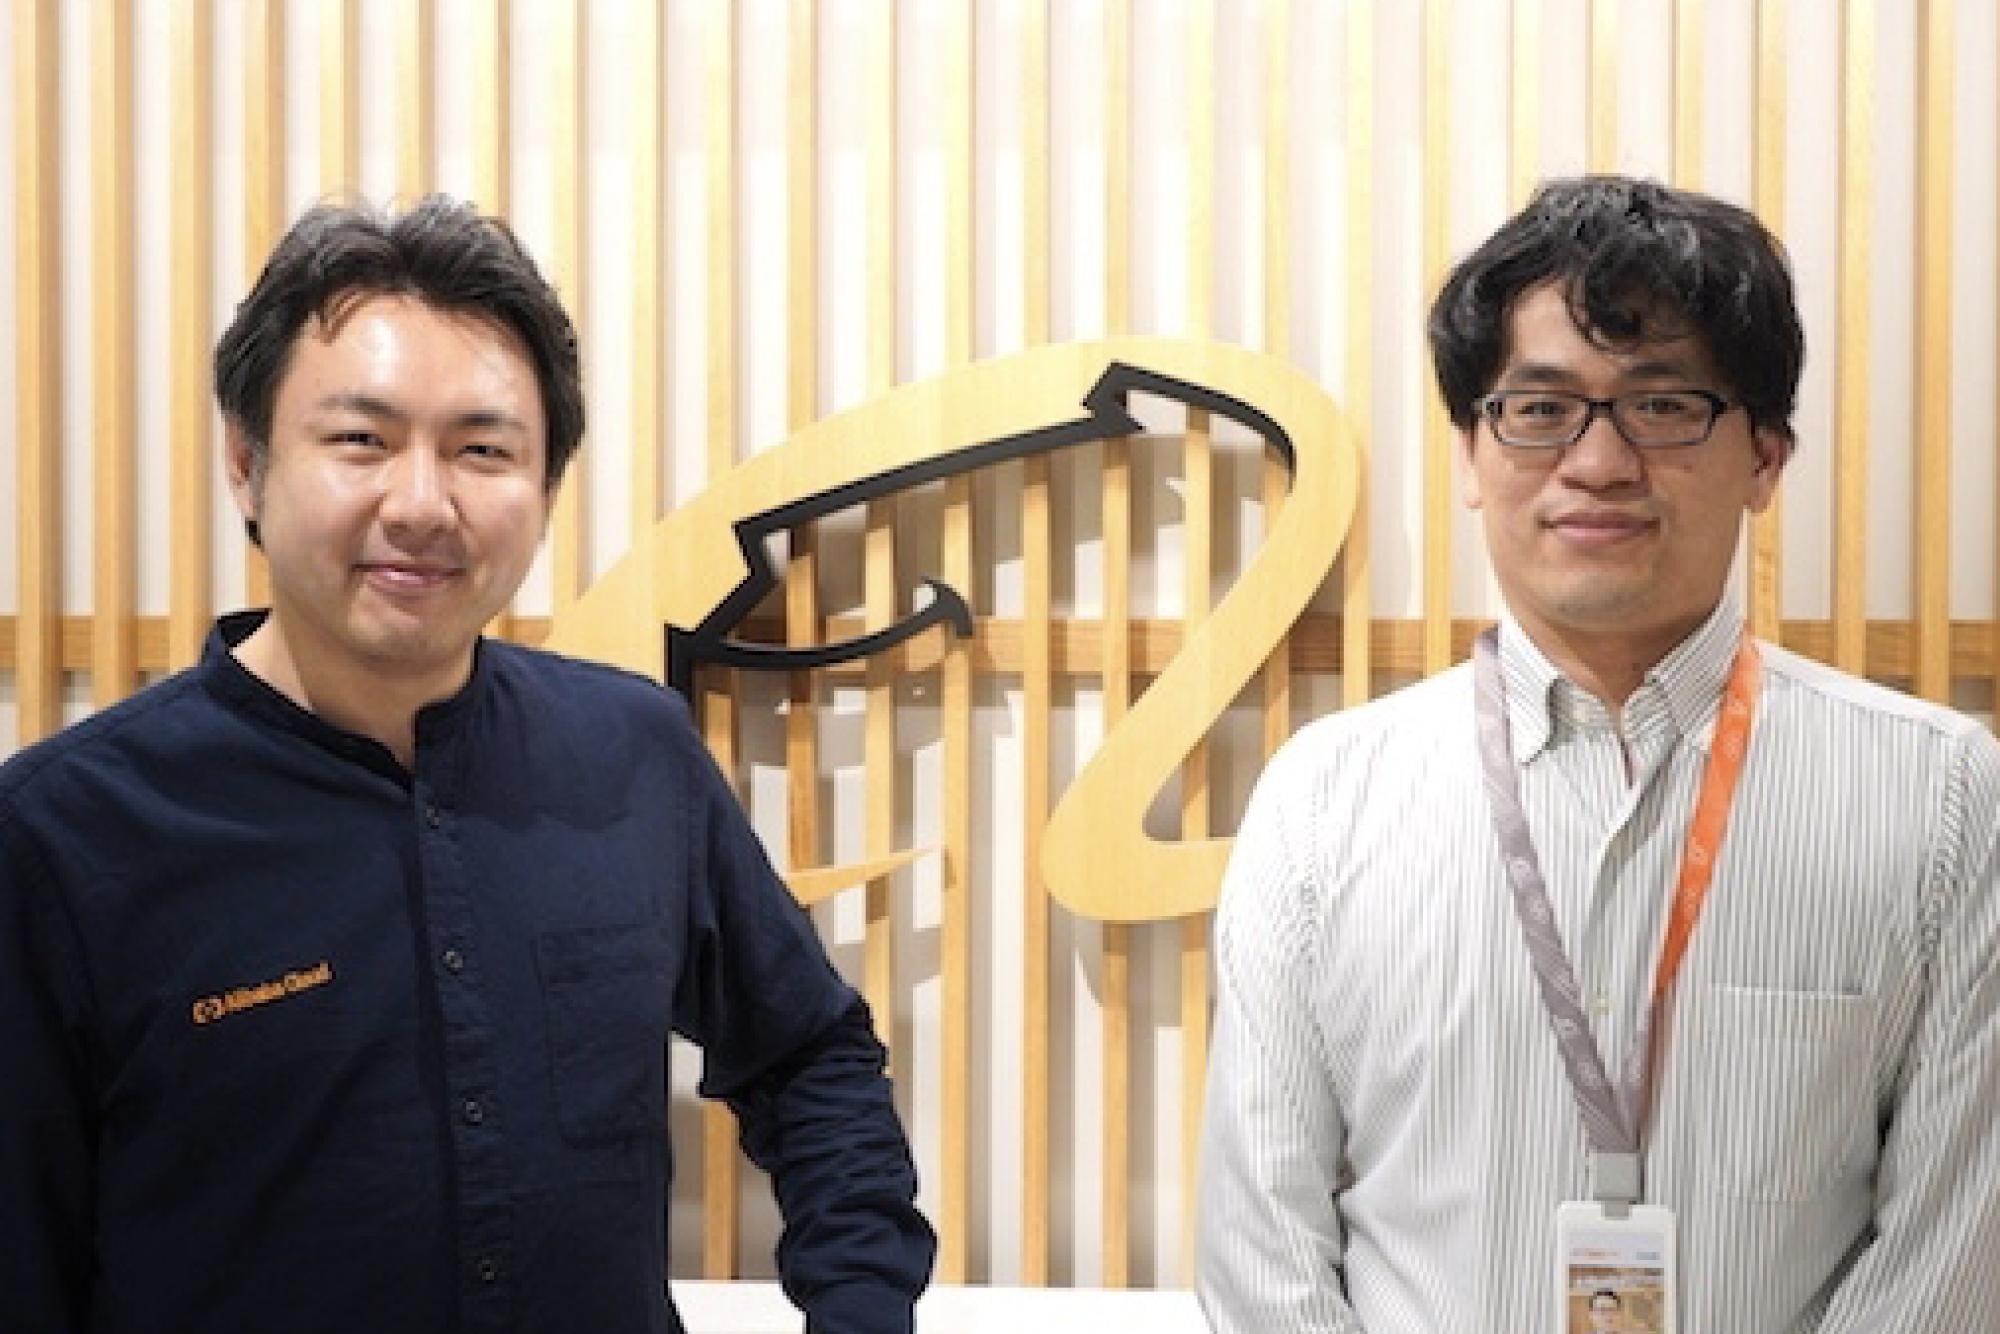 【インタビュー】ゲームを通じて日本と世界の繋がりをより強く、ゲームBtoBマッチングプラットフォーム「Global Game Guild」の立ち上げ経緯とその狙いとは